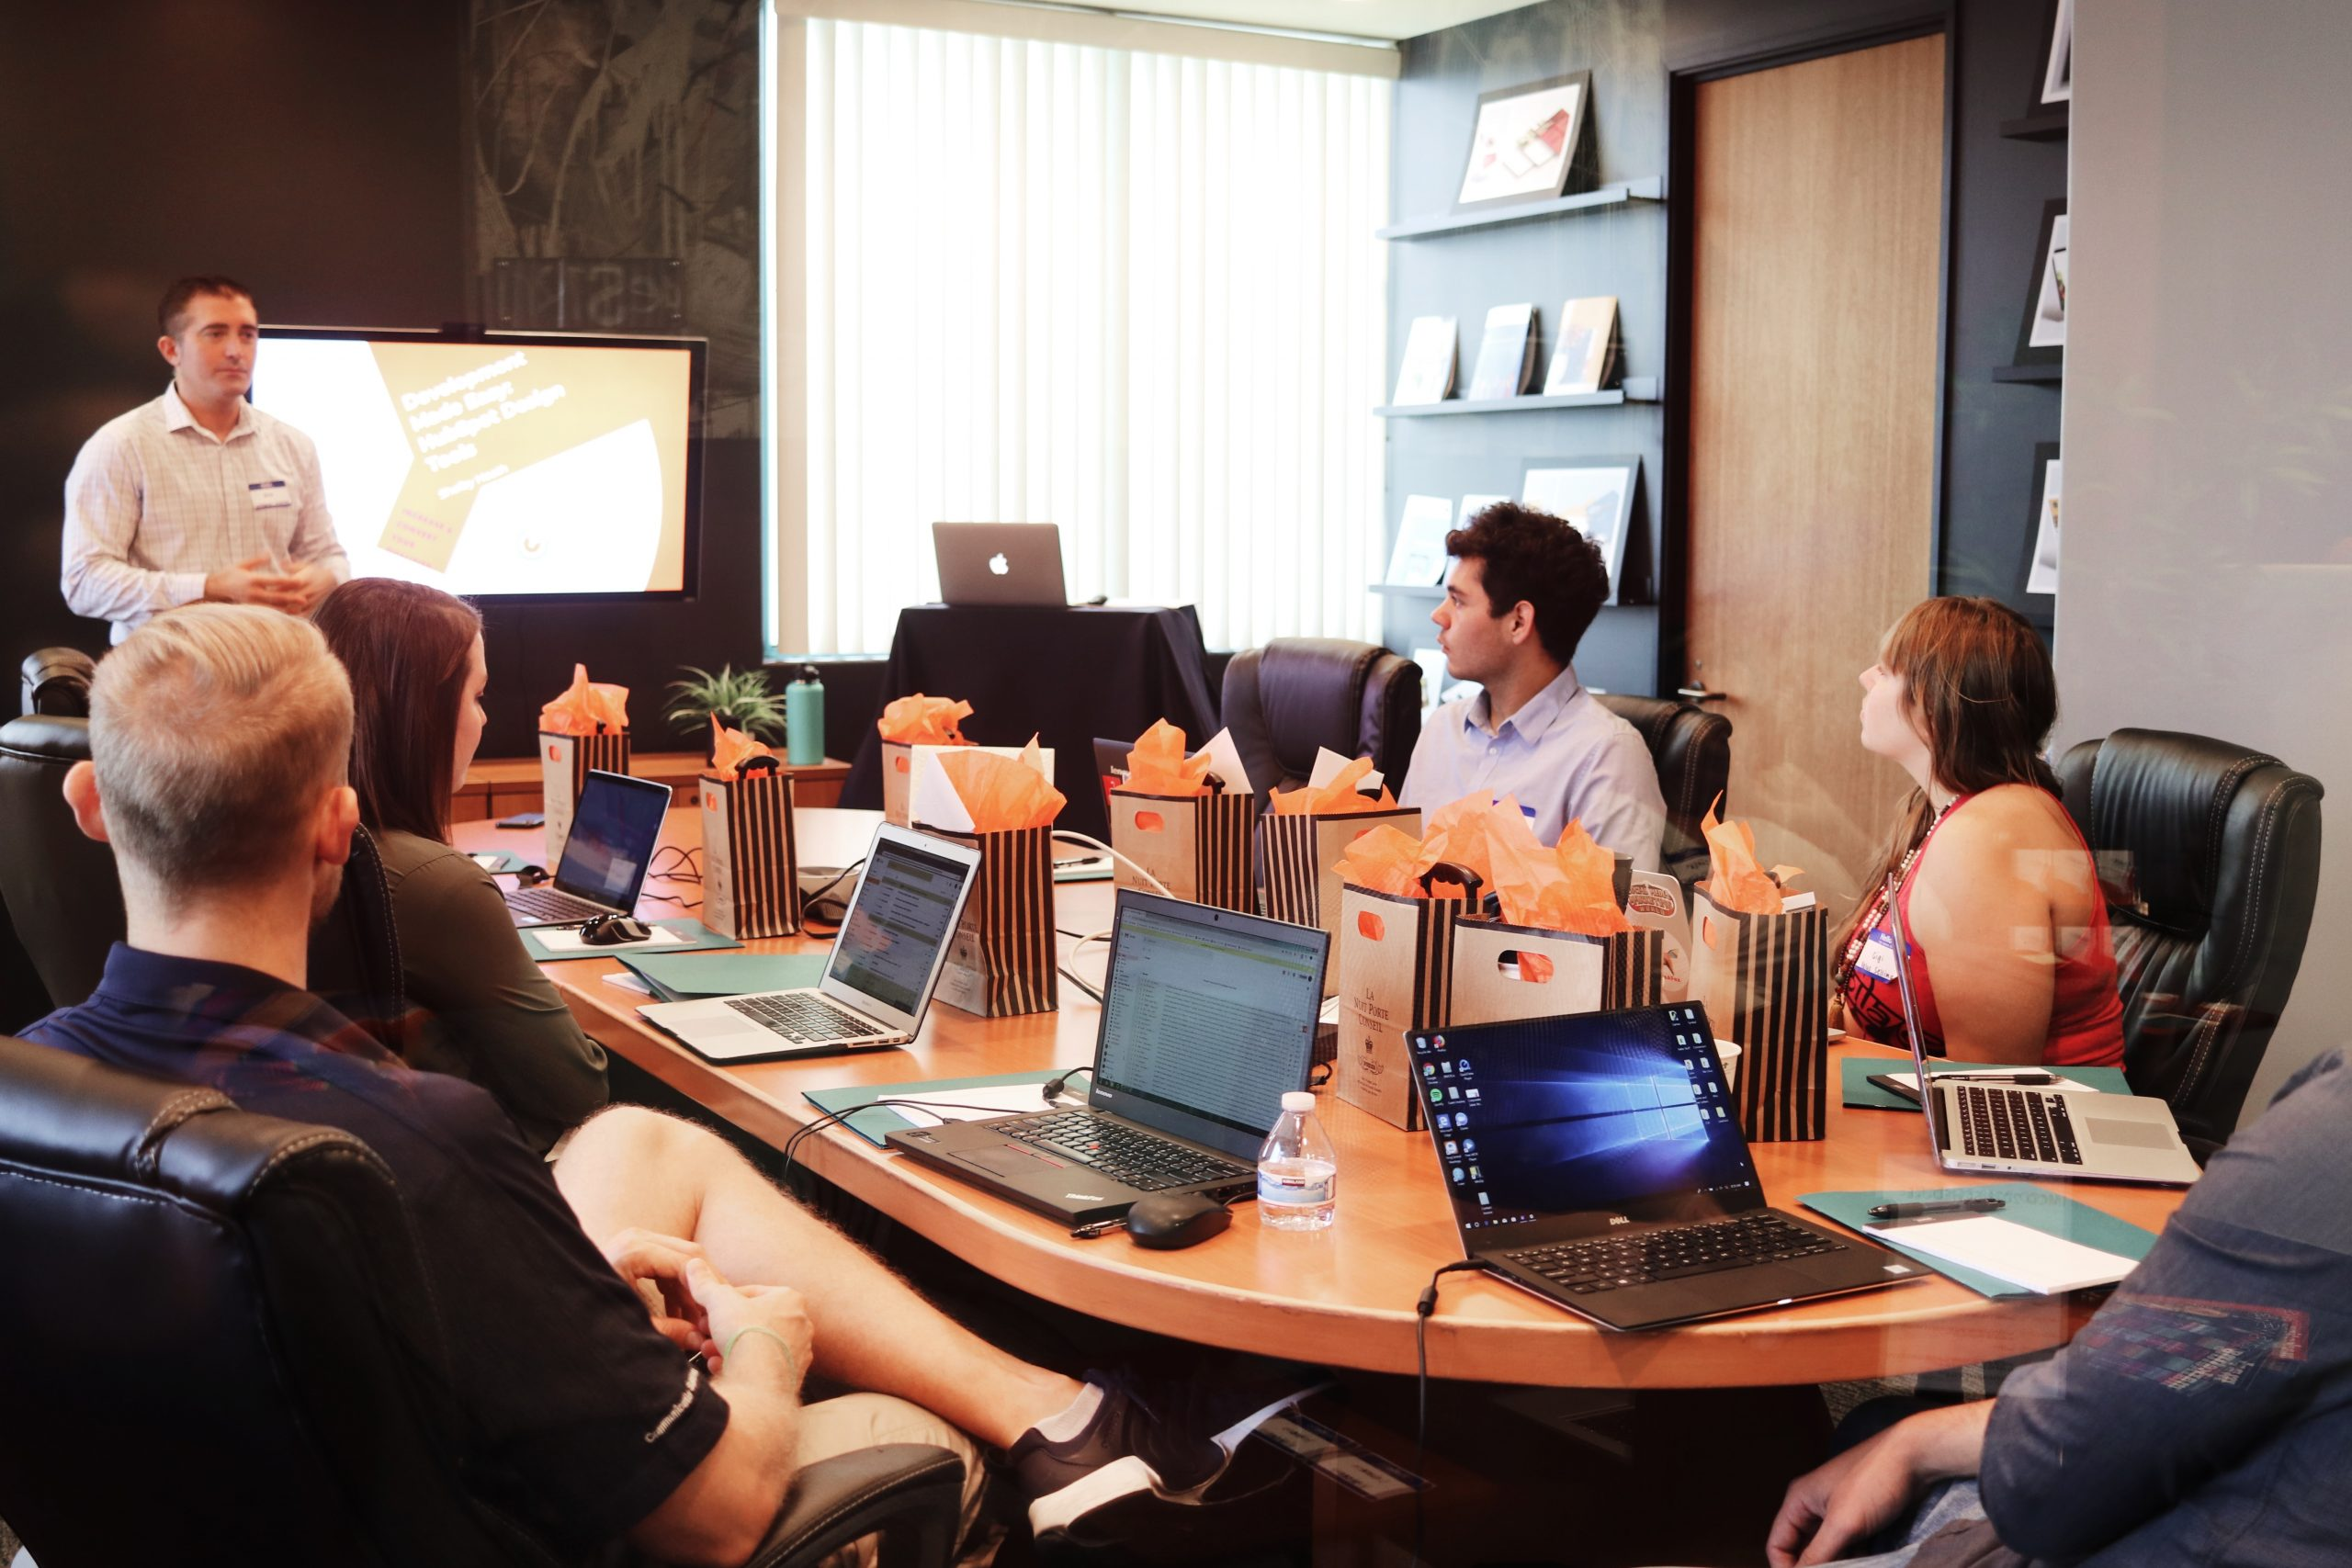 meeting discussing audio visual design options